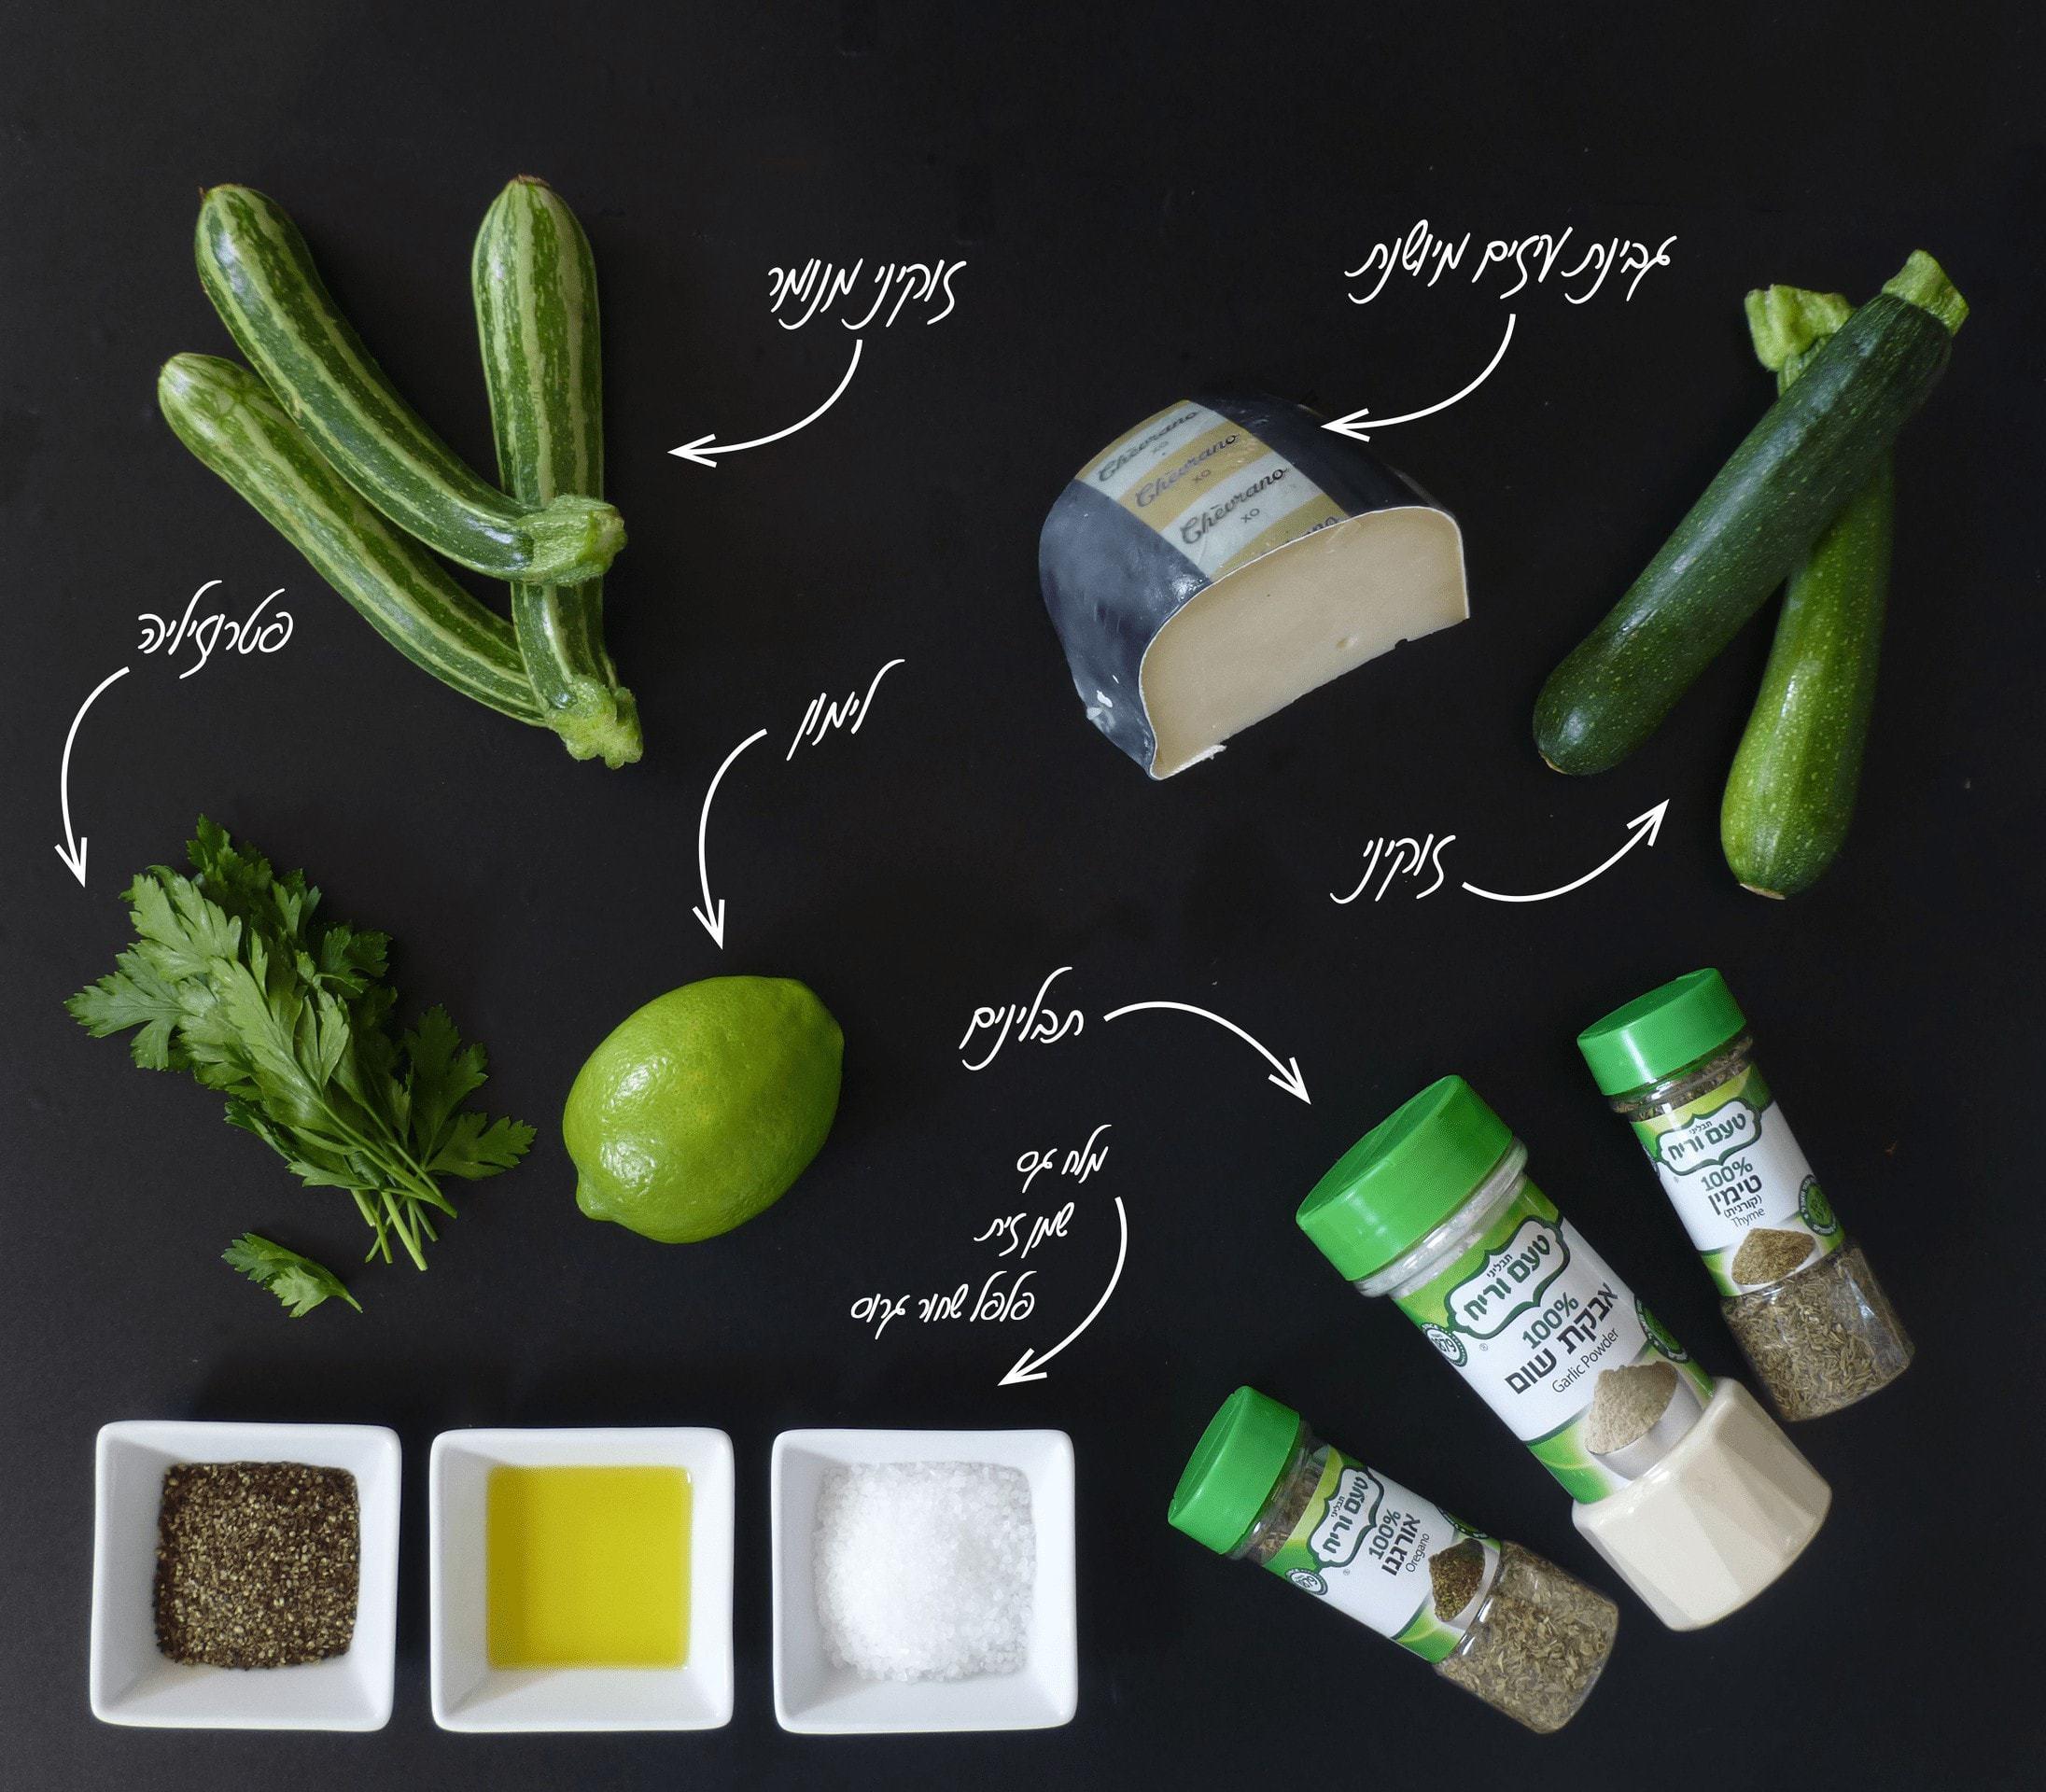 מתכון: מקלות זוקיני בגבינה מיושנת וגרידת לימון - מרכיבים